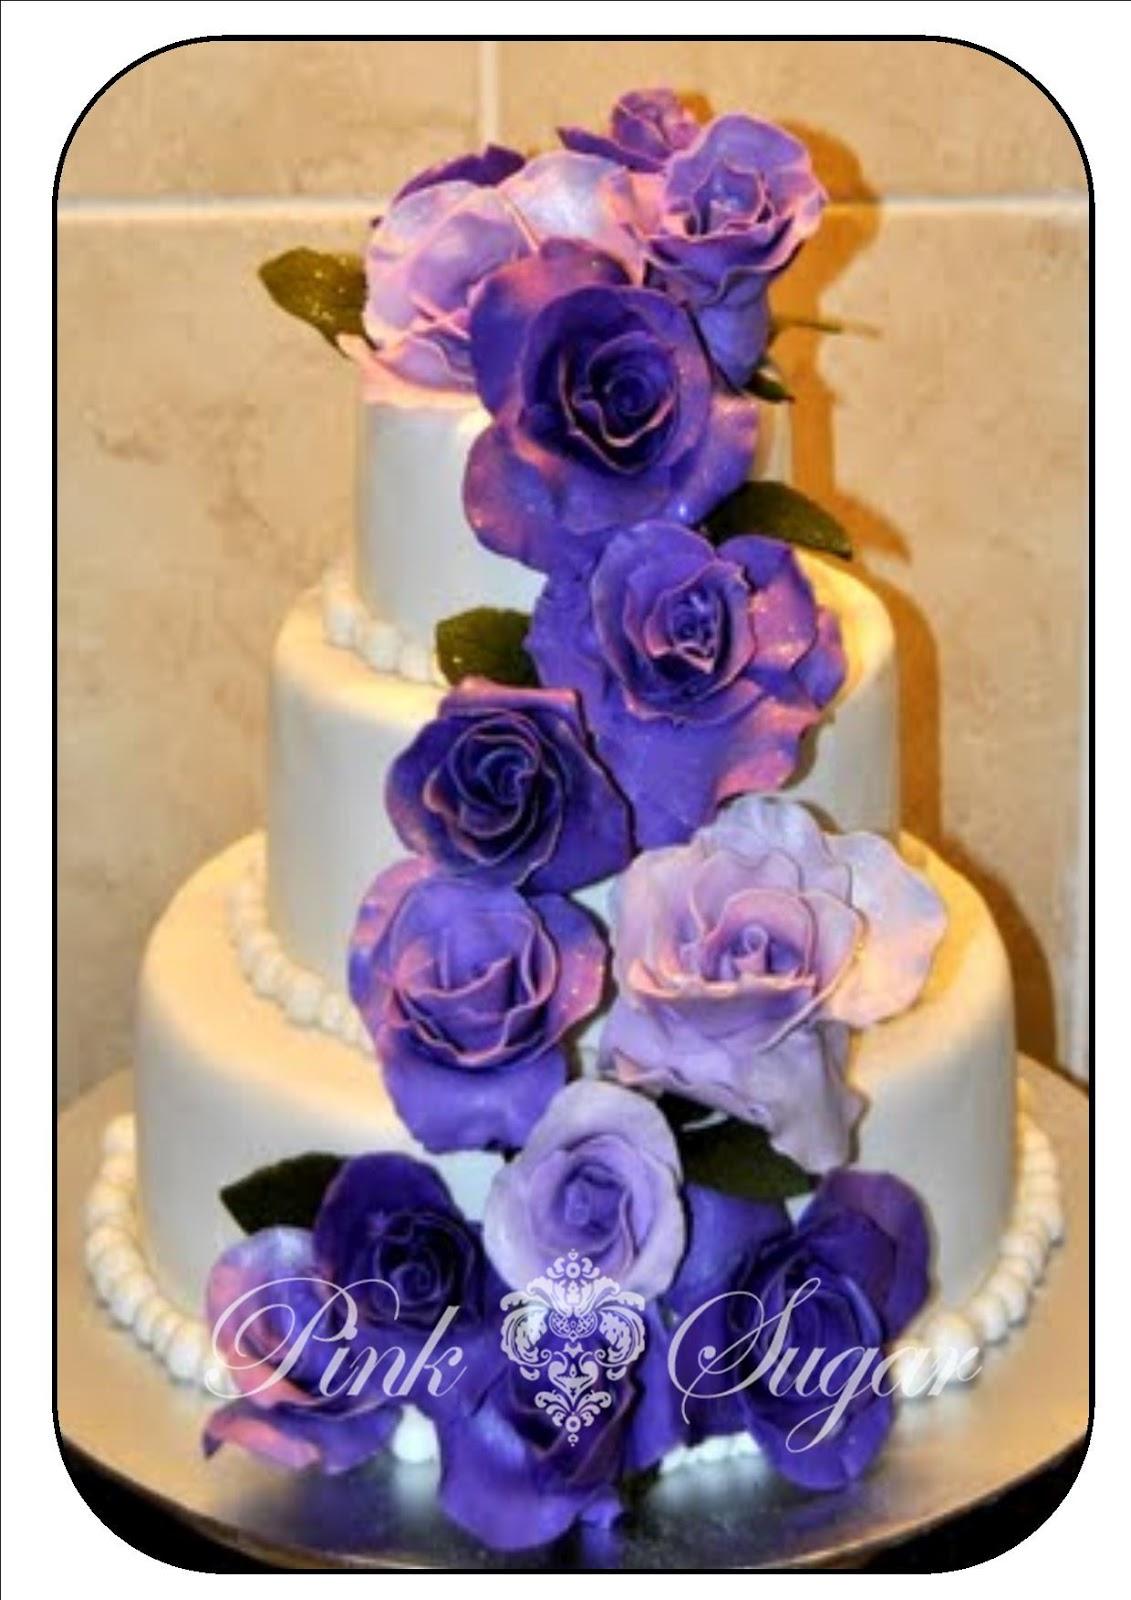 Pink Sugar Purple Rose Wedding Cake